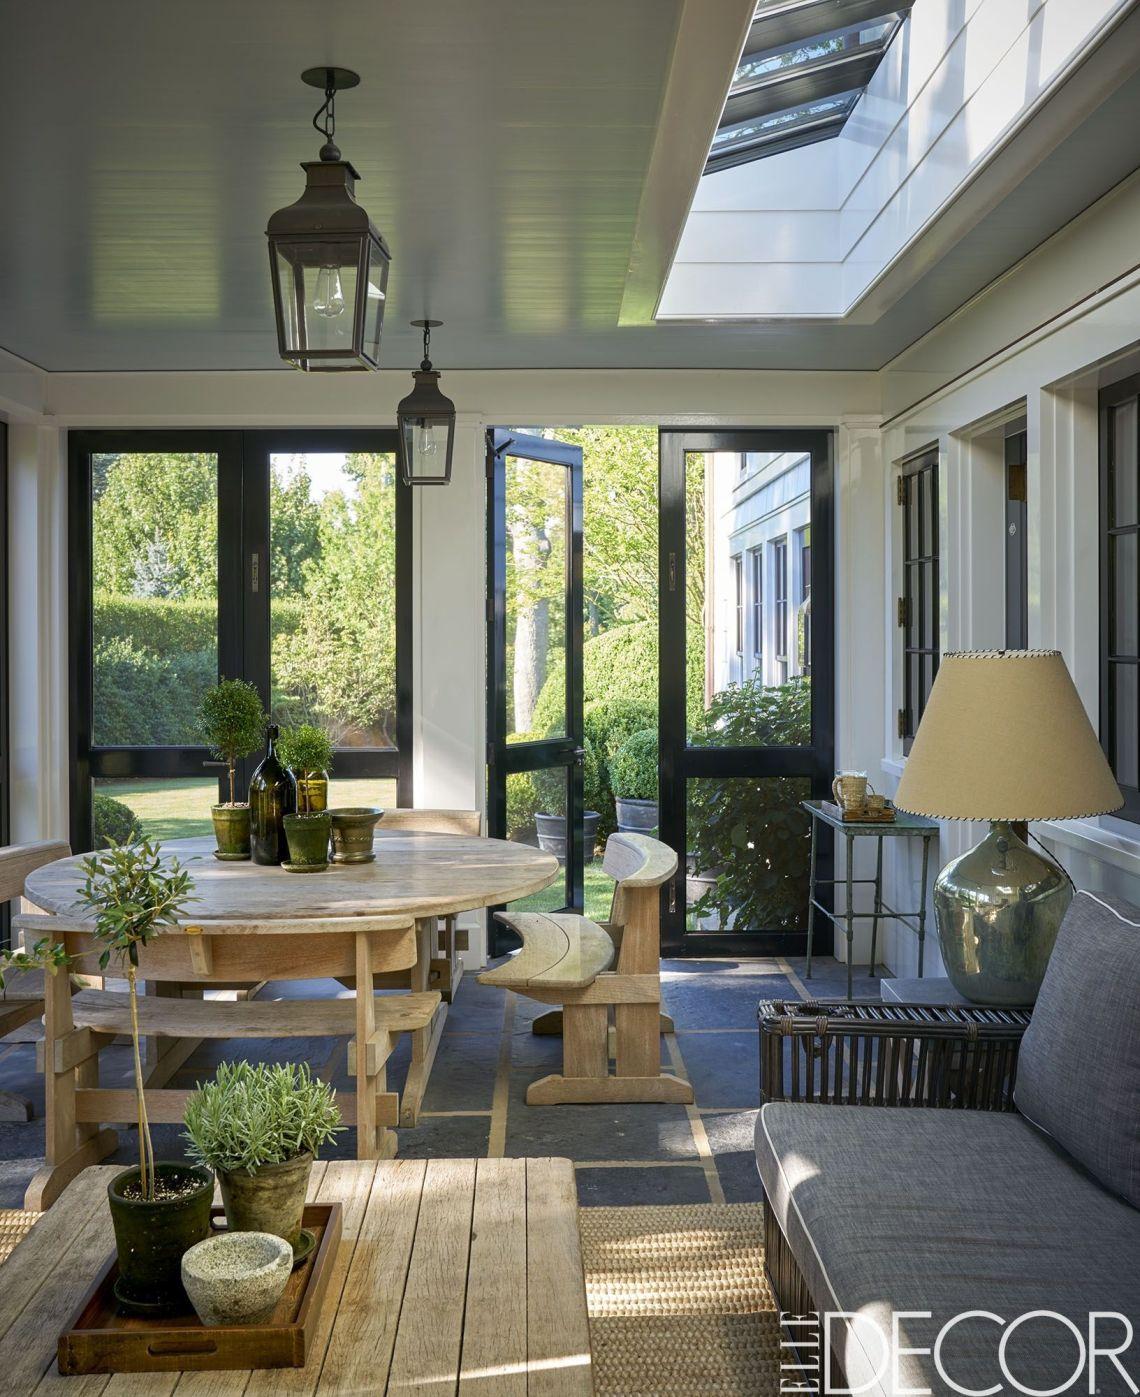 20 Modern Farmhouse Decor Ideas - Contemporary Farmhouse ...